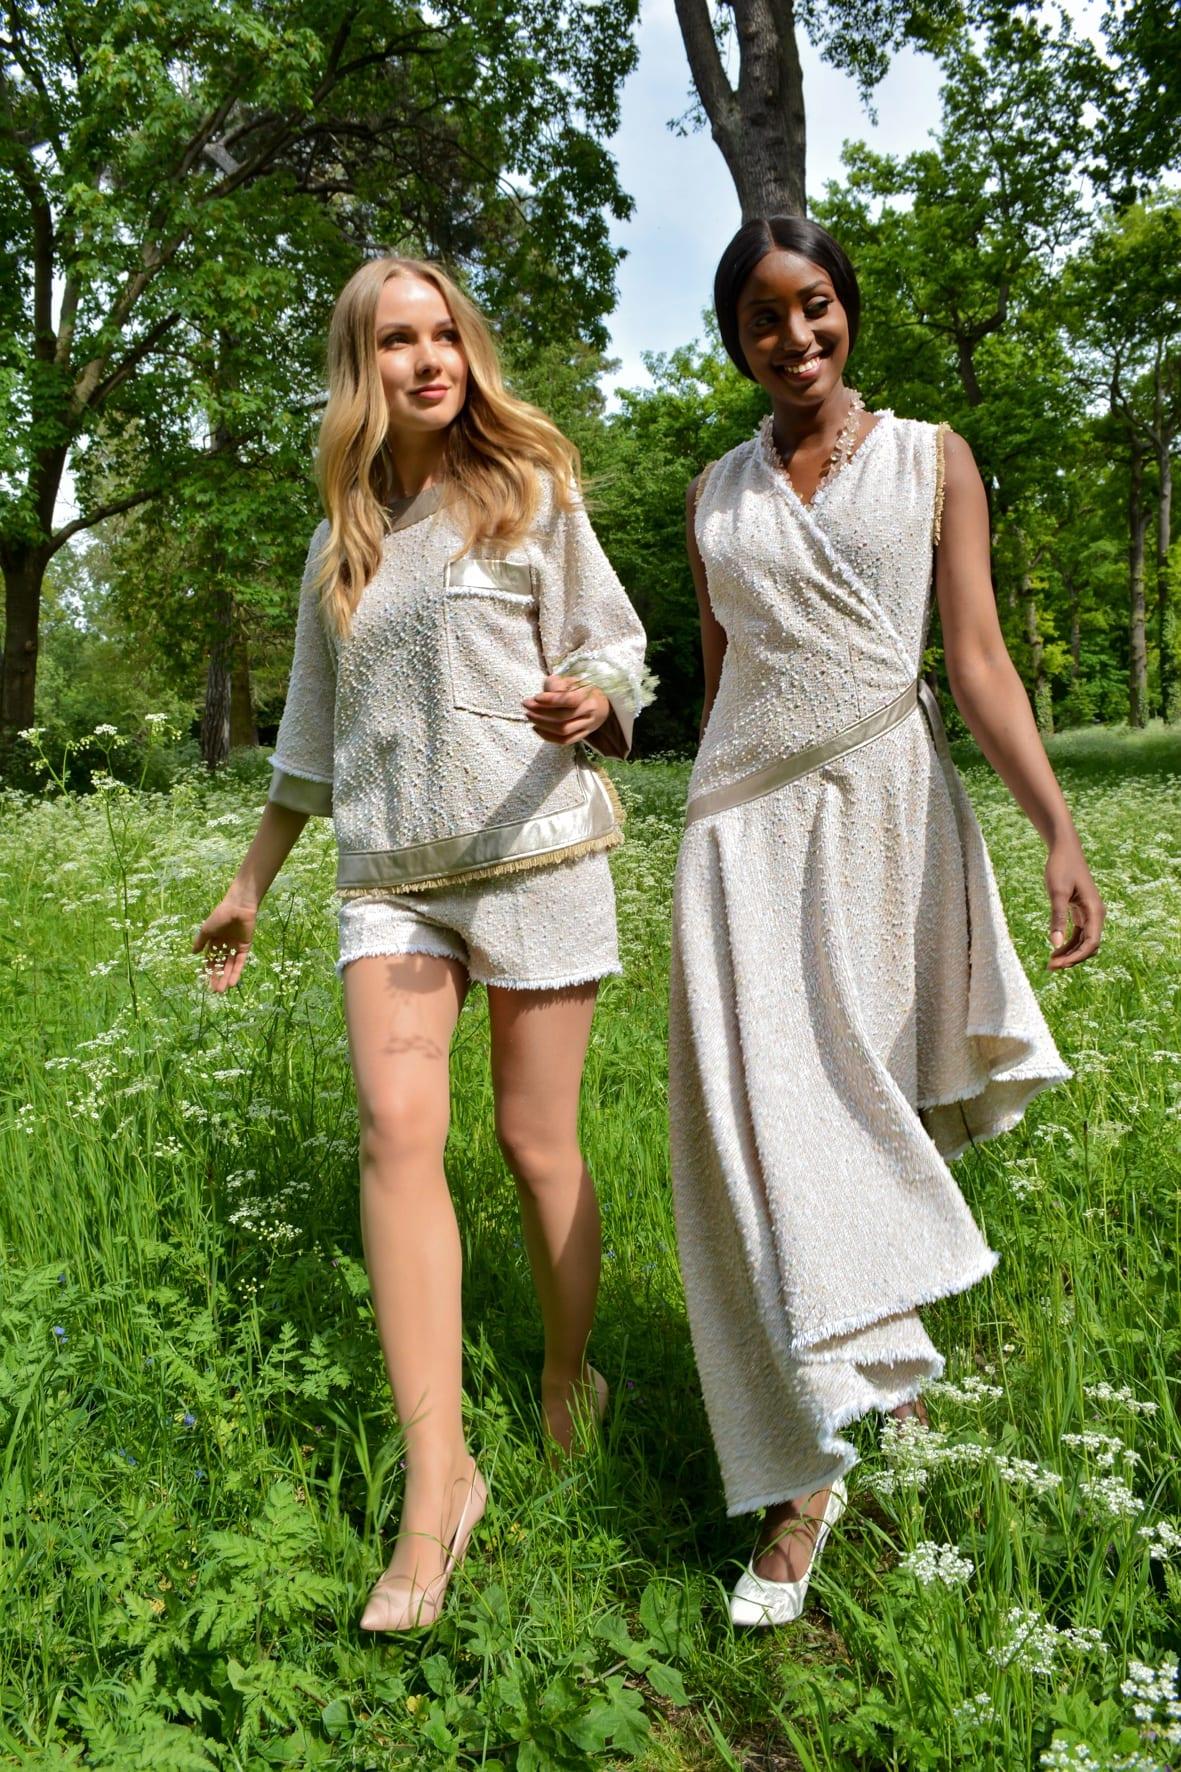 Spring-summer fashion collection by the Parisian designer Erik Schaix.